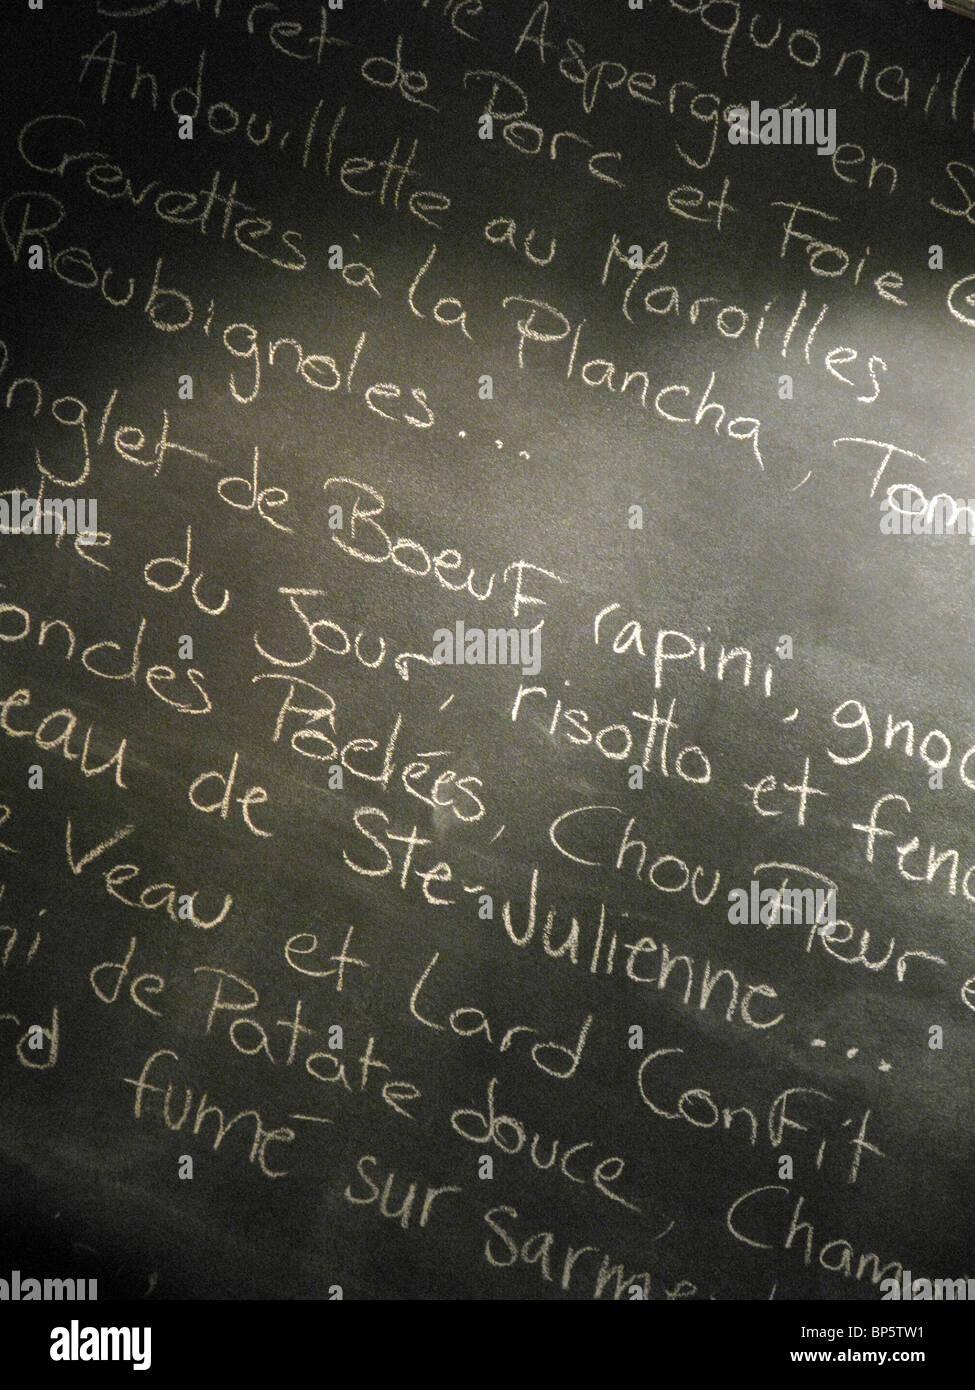 A restaurant's menu written in french script on a black chalkboard - Stock Image